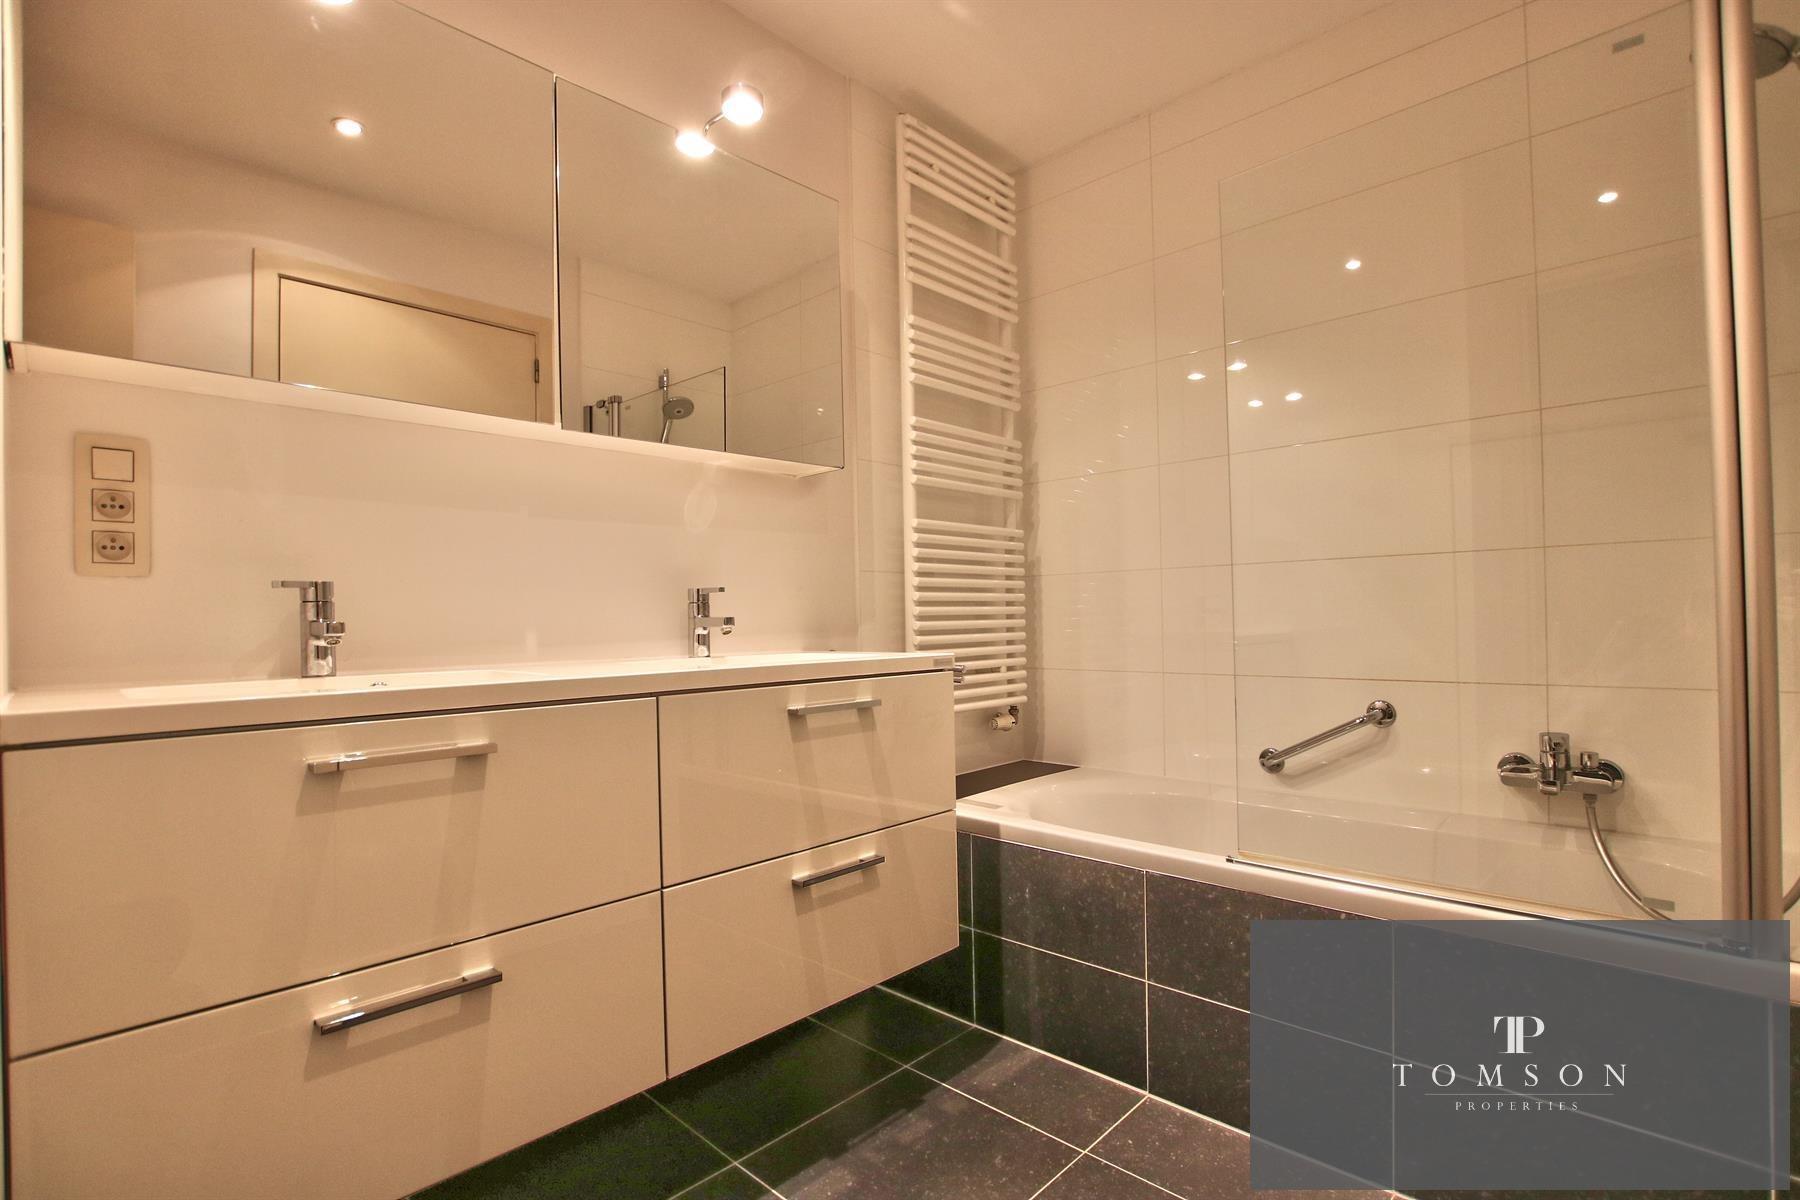 Appartement exceptionnel - Ixelles - #4533638-15